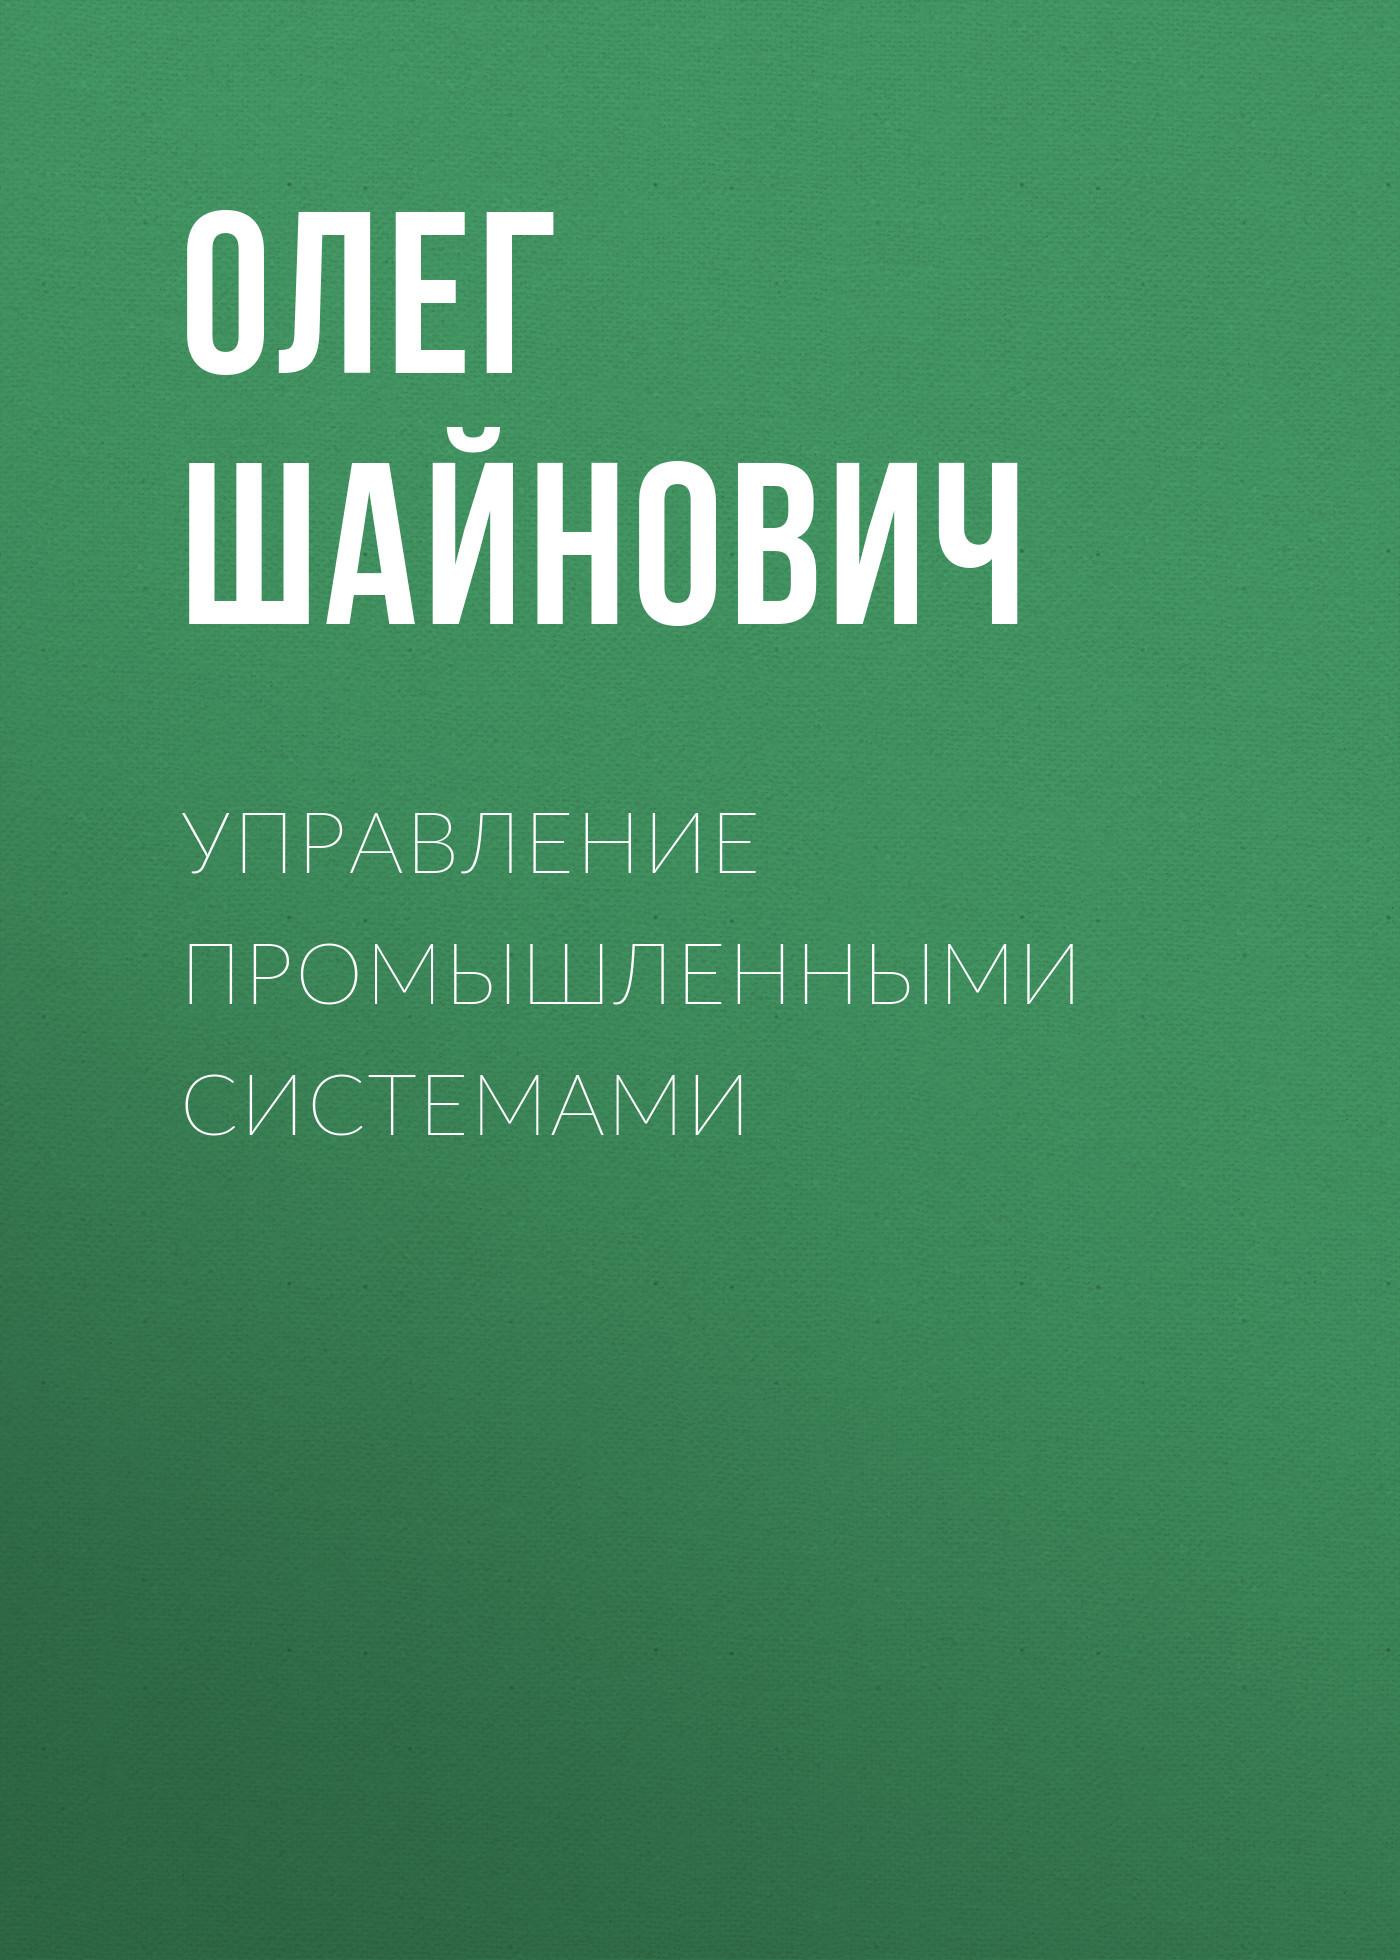 Олег Шайнович. Управление промышленными системами